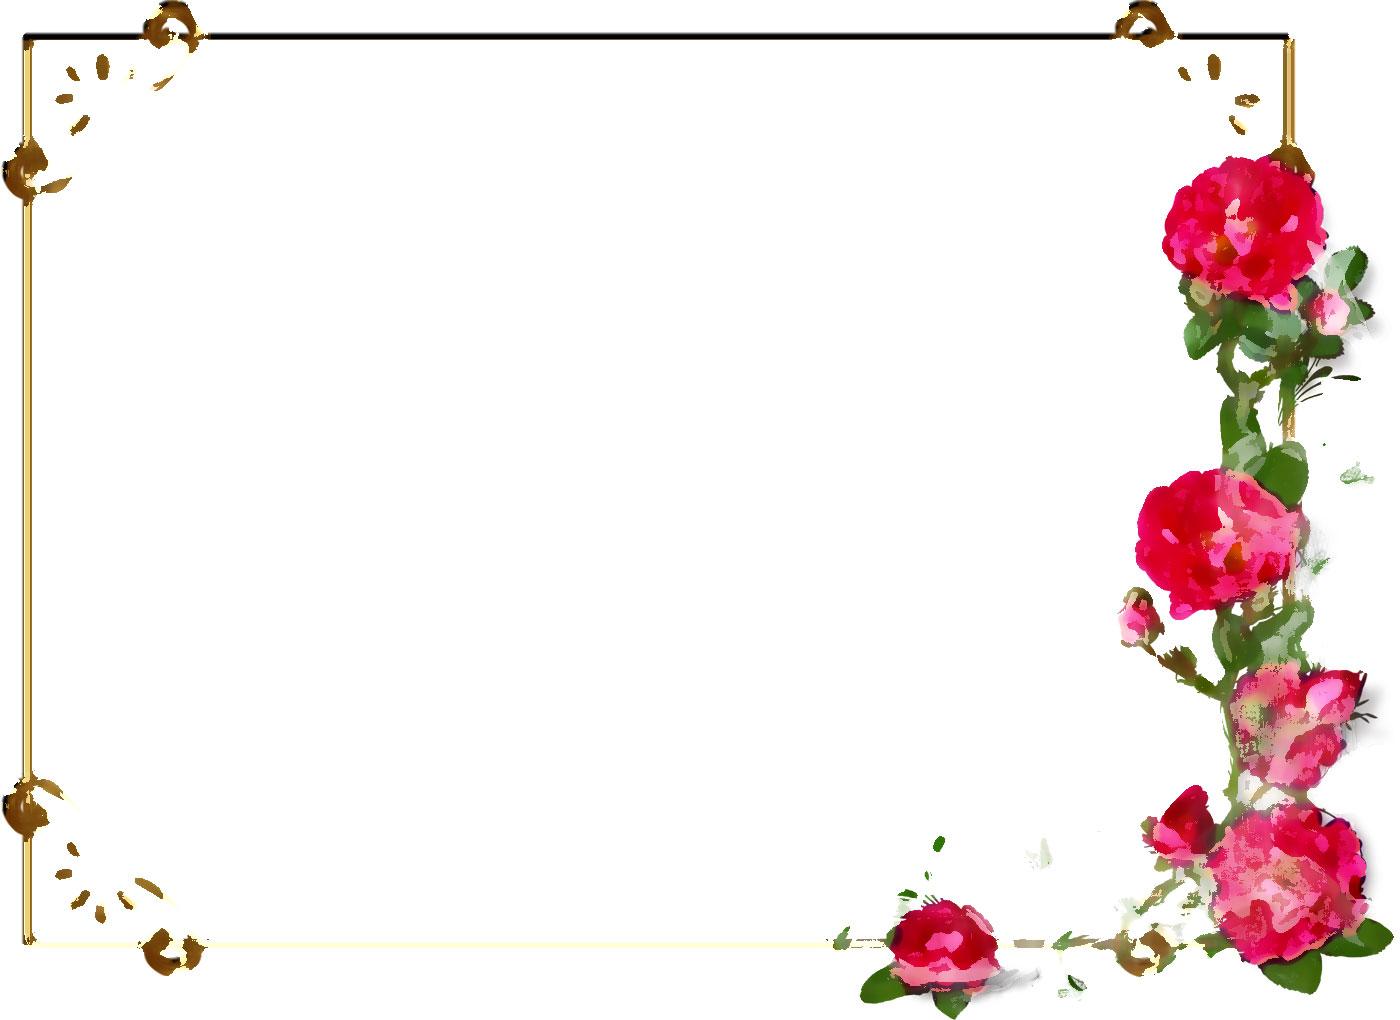 pin 花のフレームイラスト on pinterest